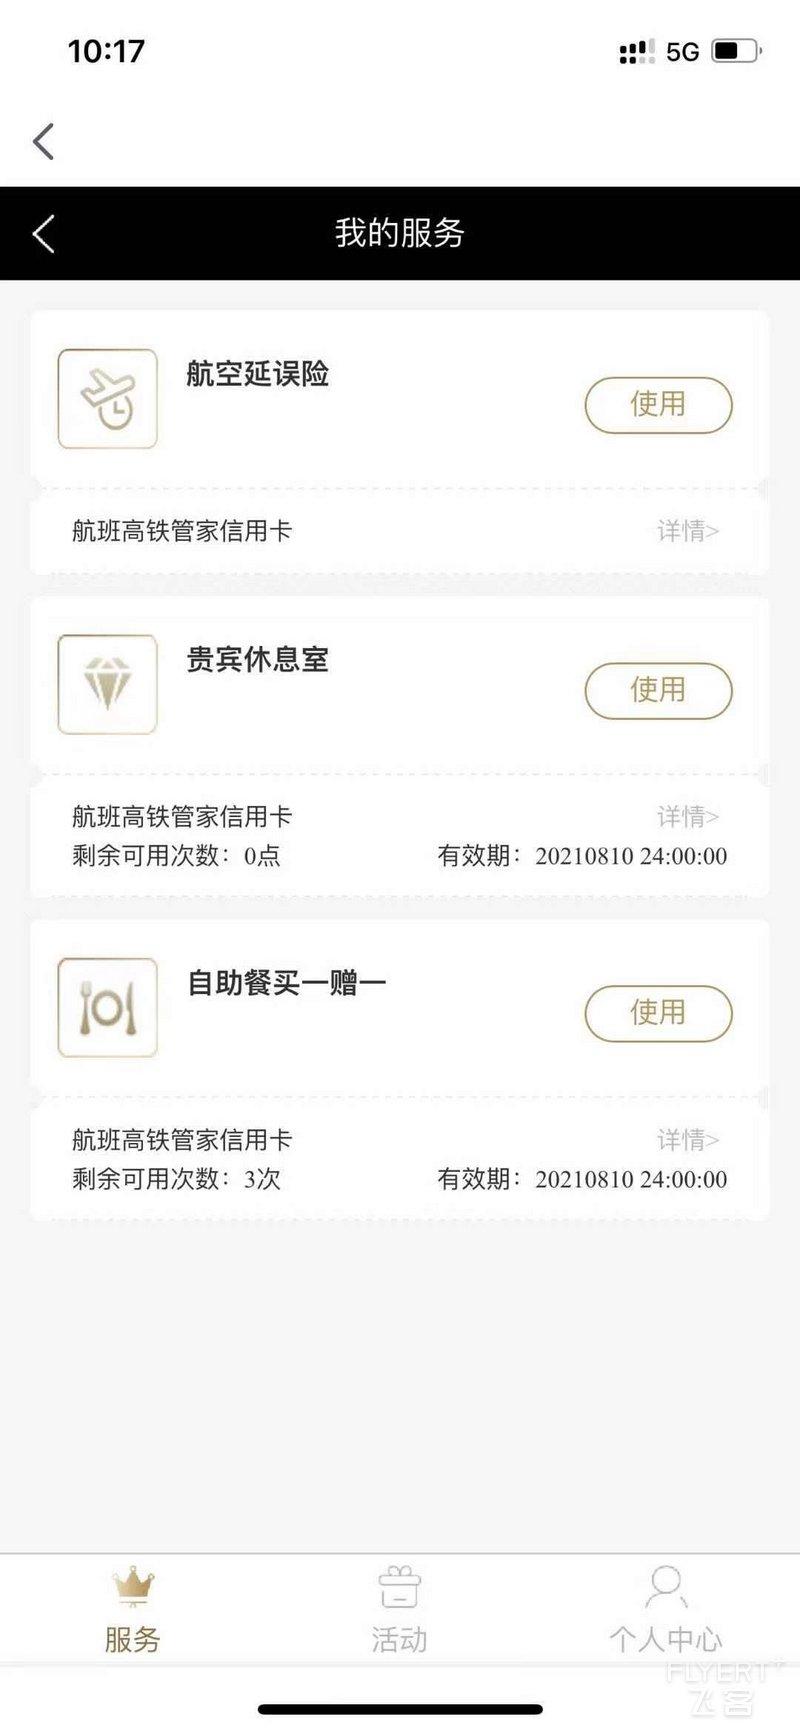 寰俊鍥剧墖_20210722101838.jpg